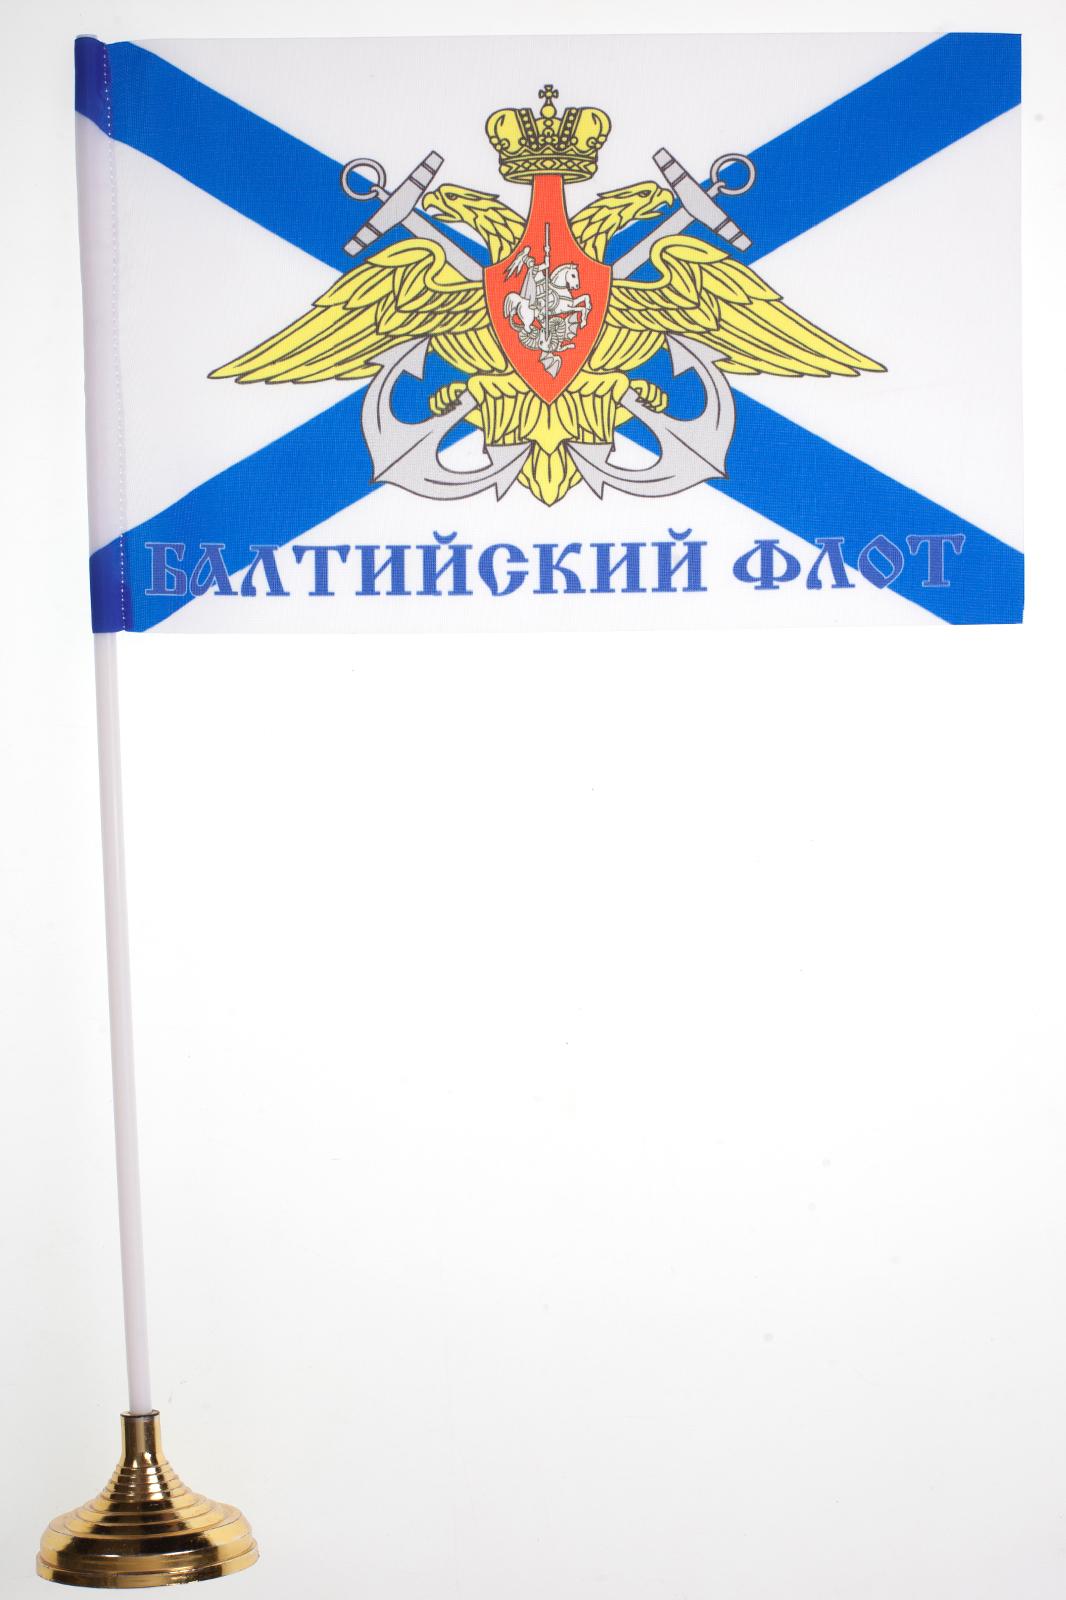 Купить настольные флажки «Балтийский флот»